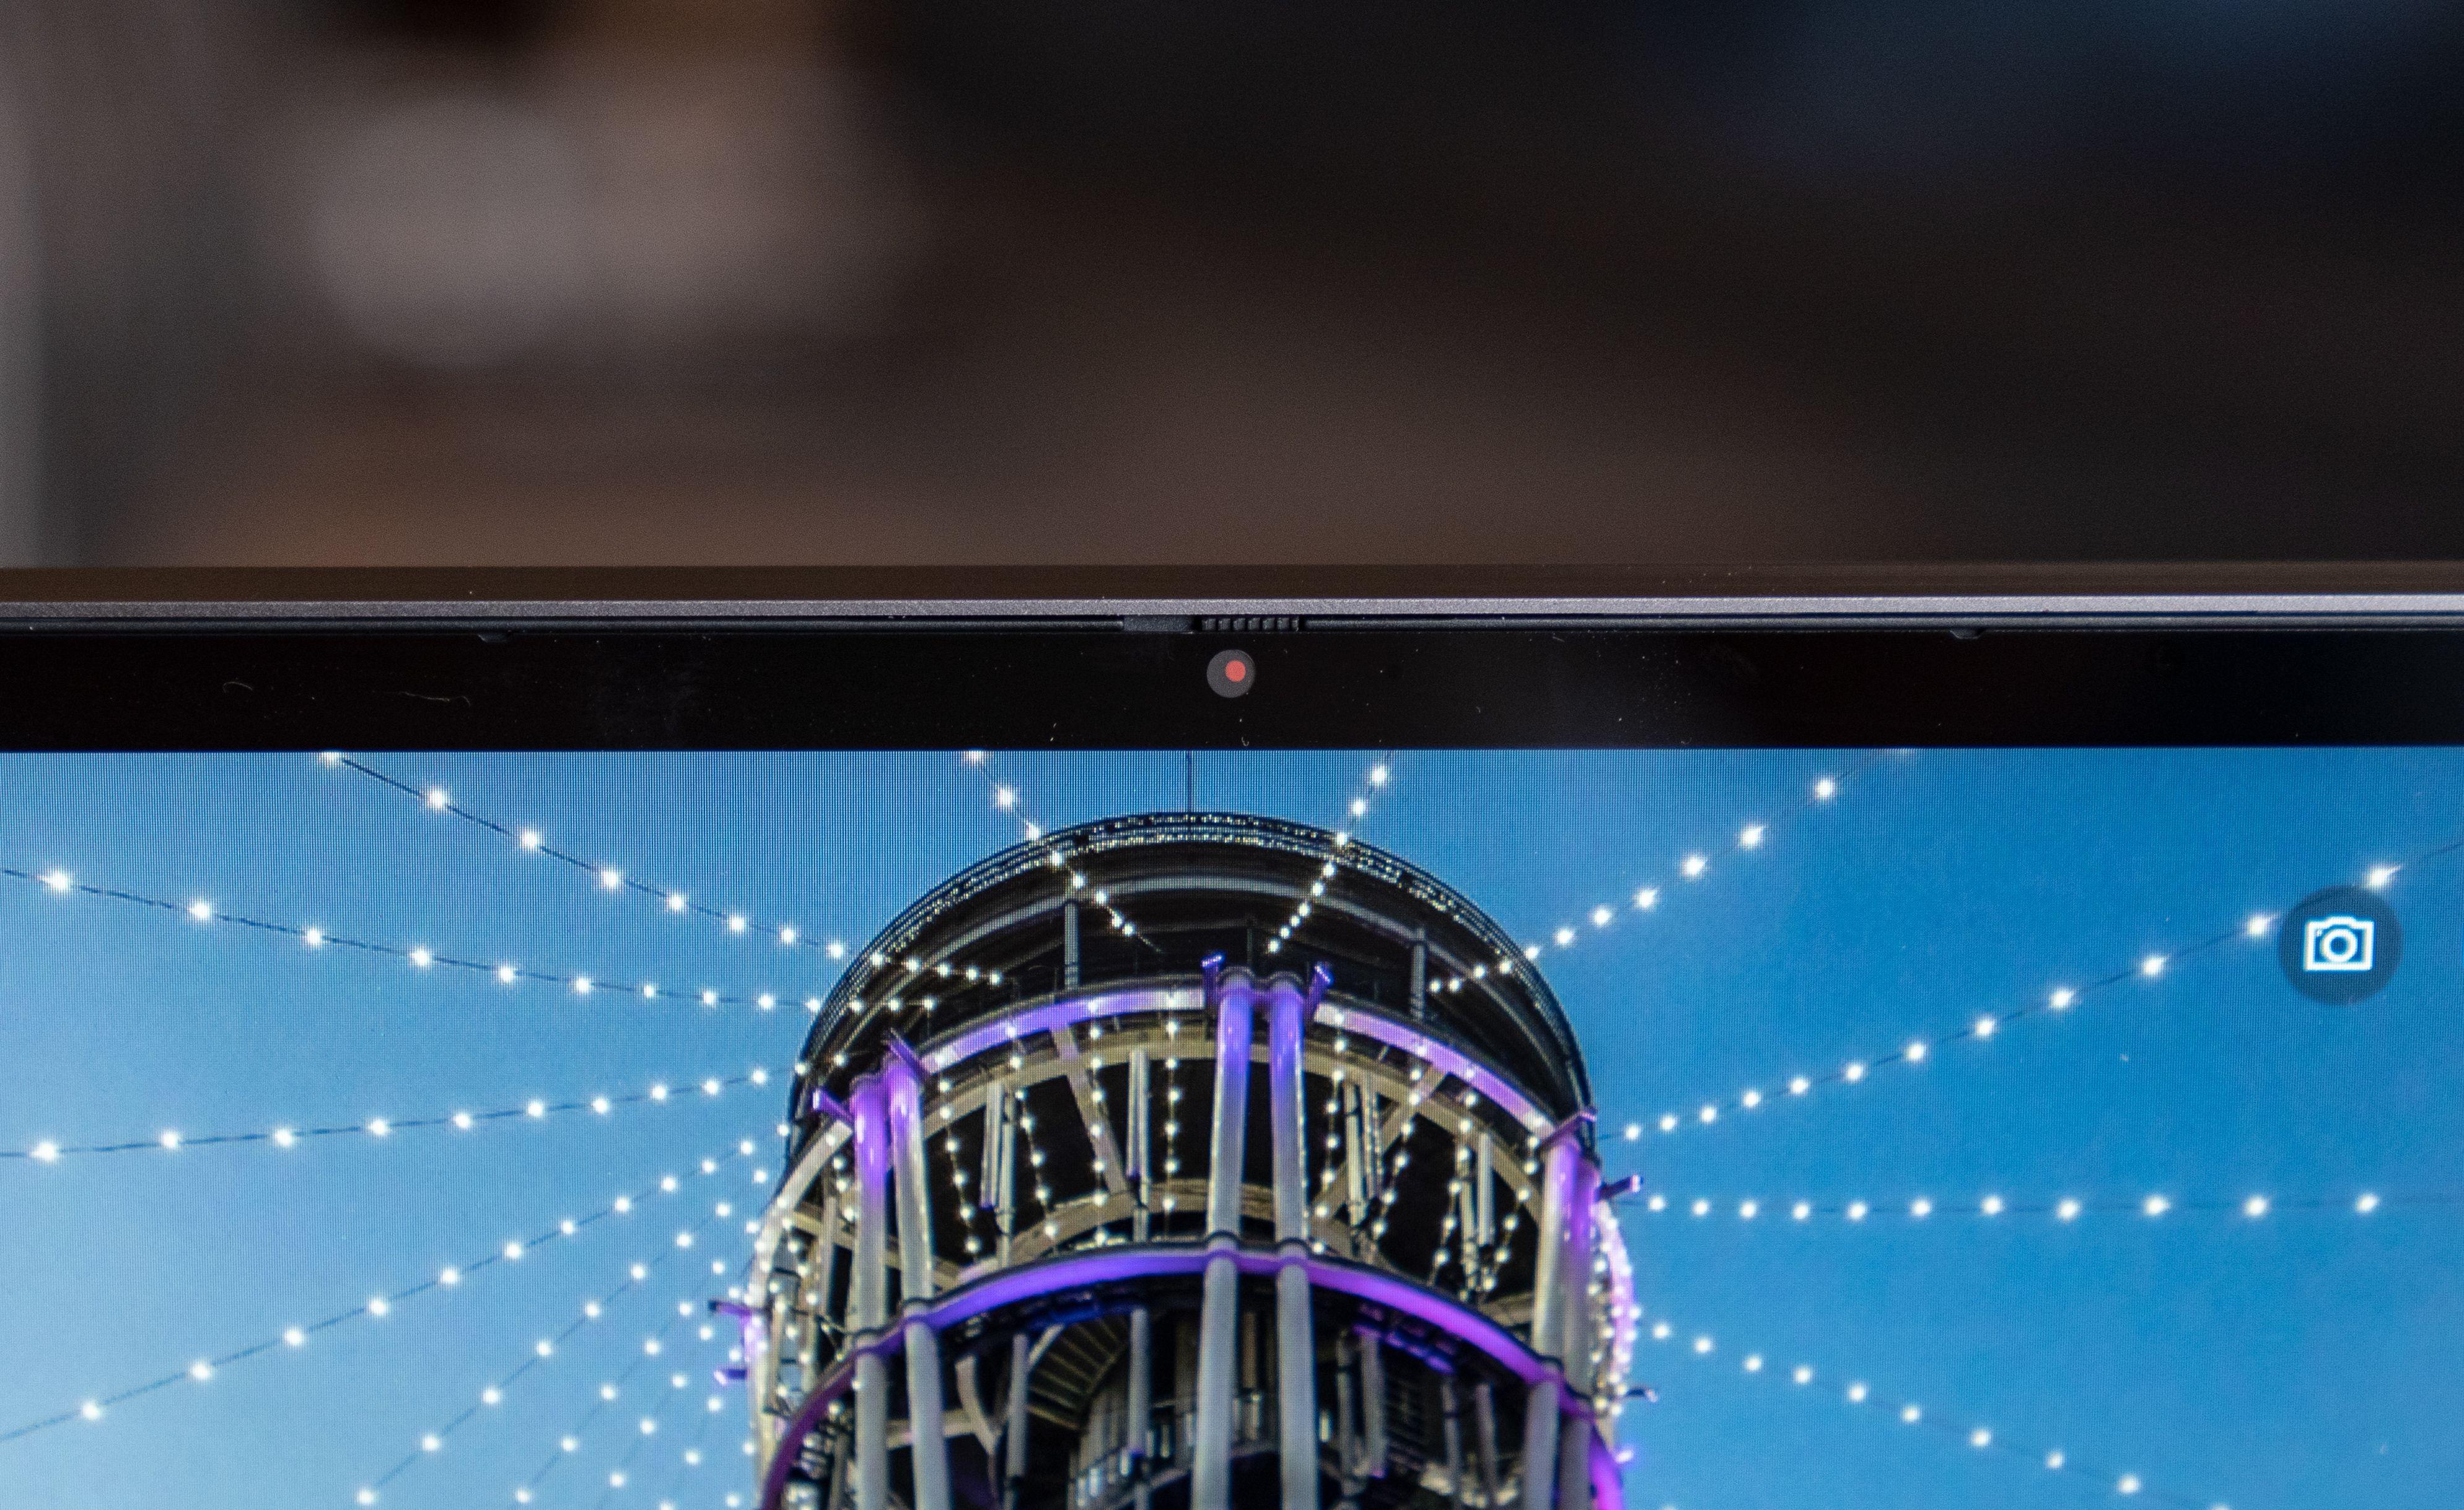 En ny fysisk sperre blokkerer webkameraet når du ikke bruker det.